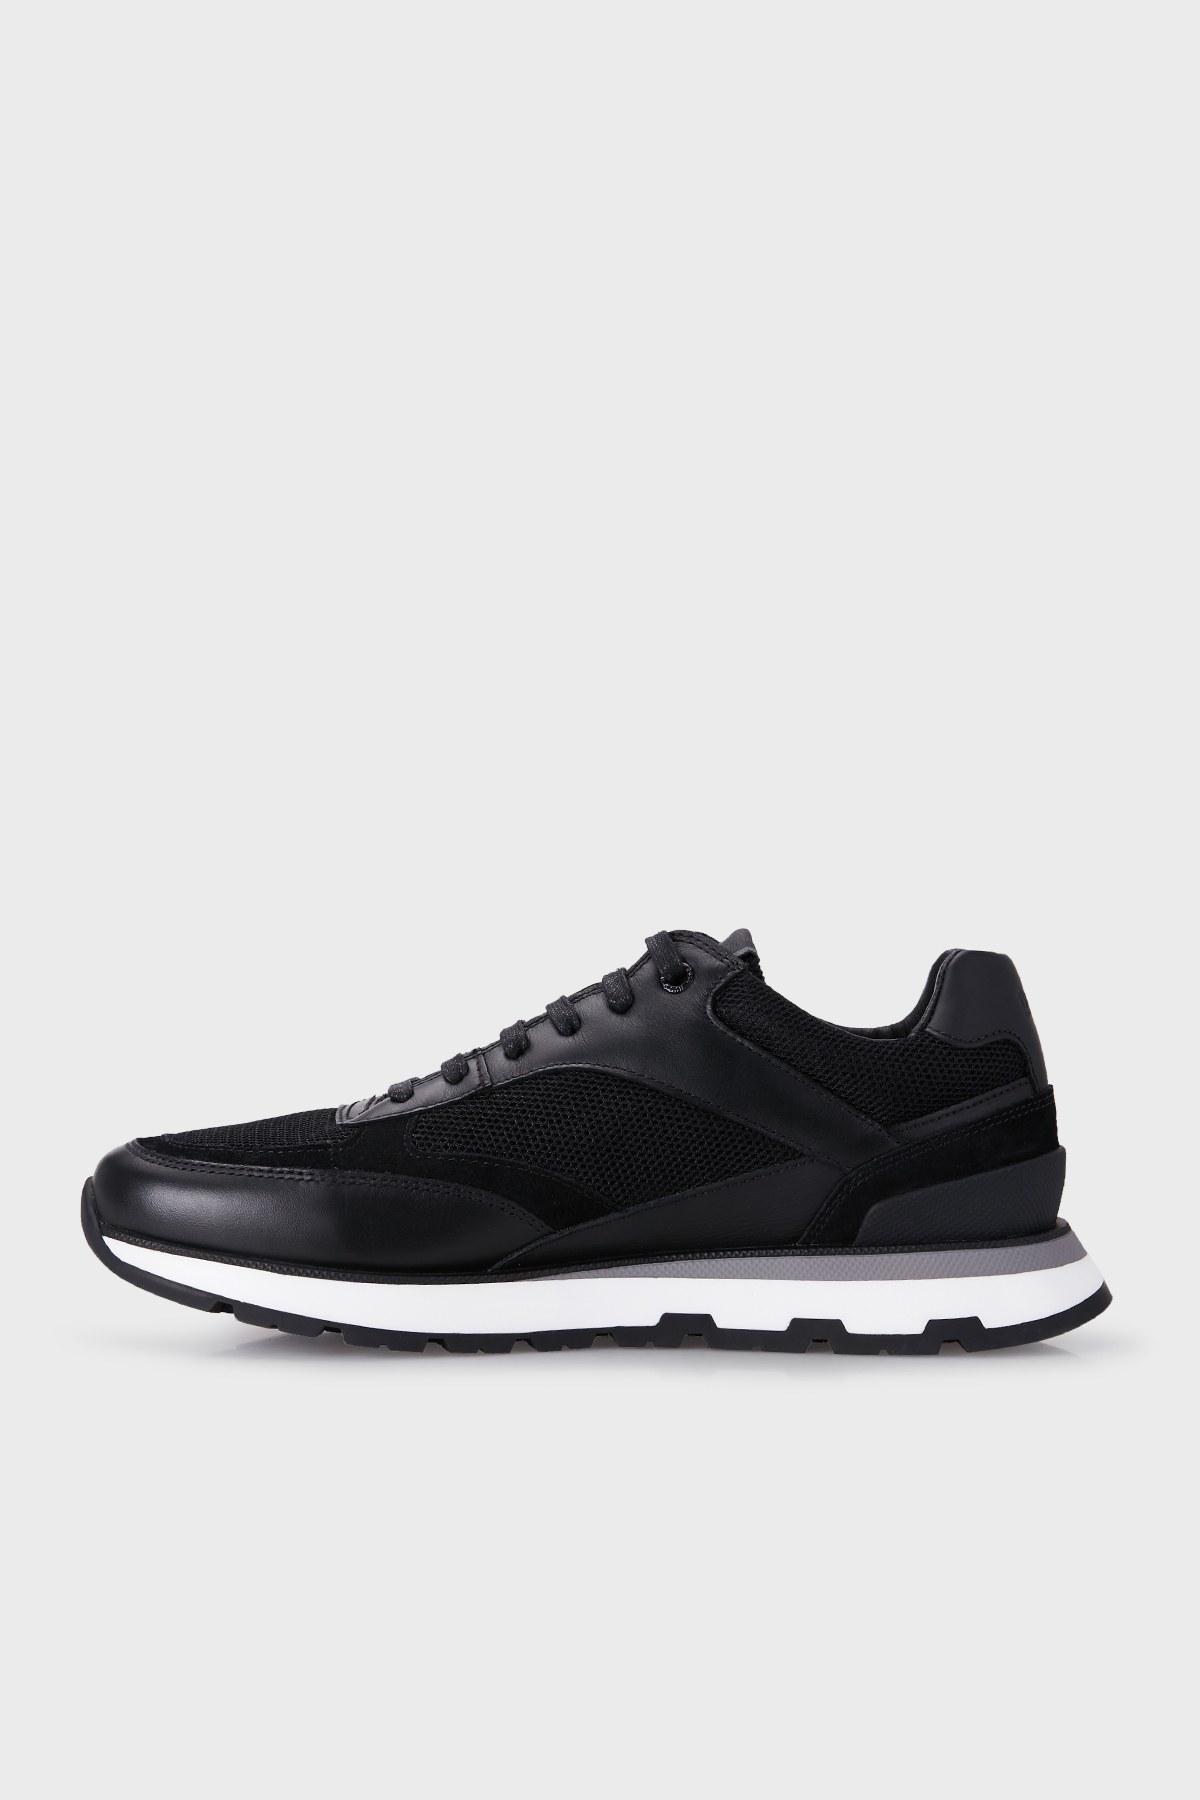 Hugo Boss Erkek Ayakkabı 50452595 001 SİYAH